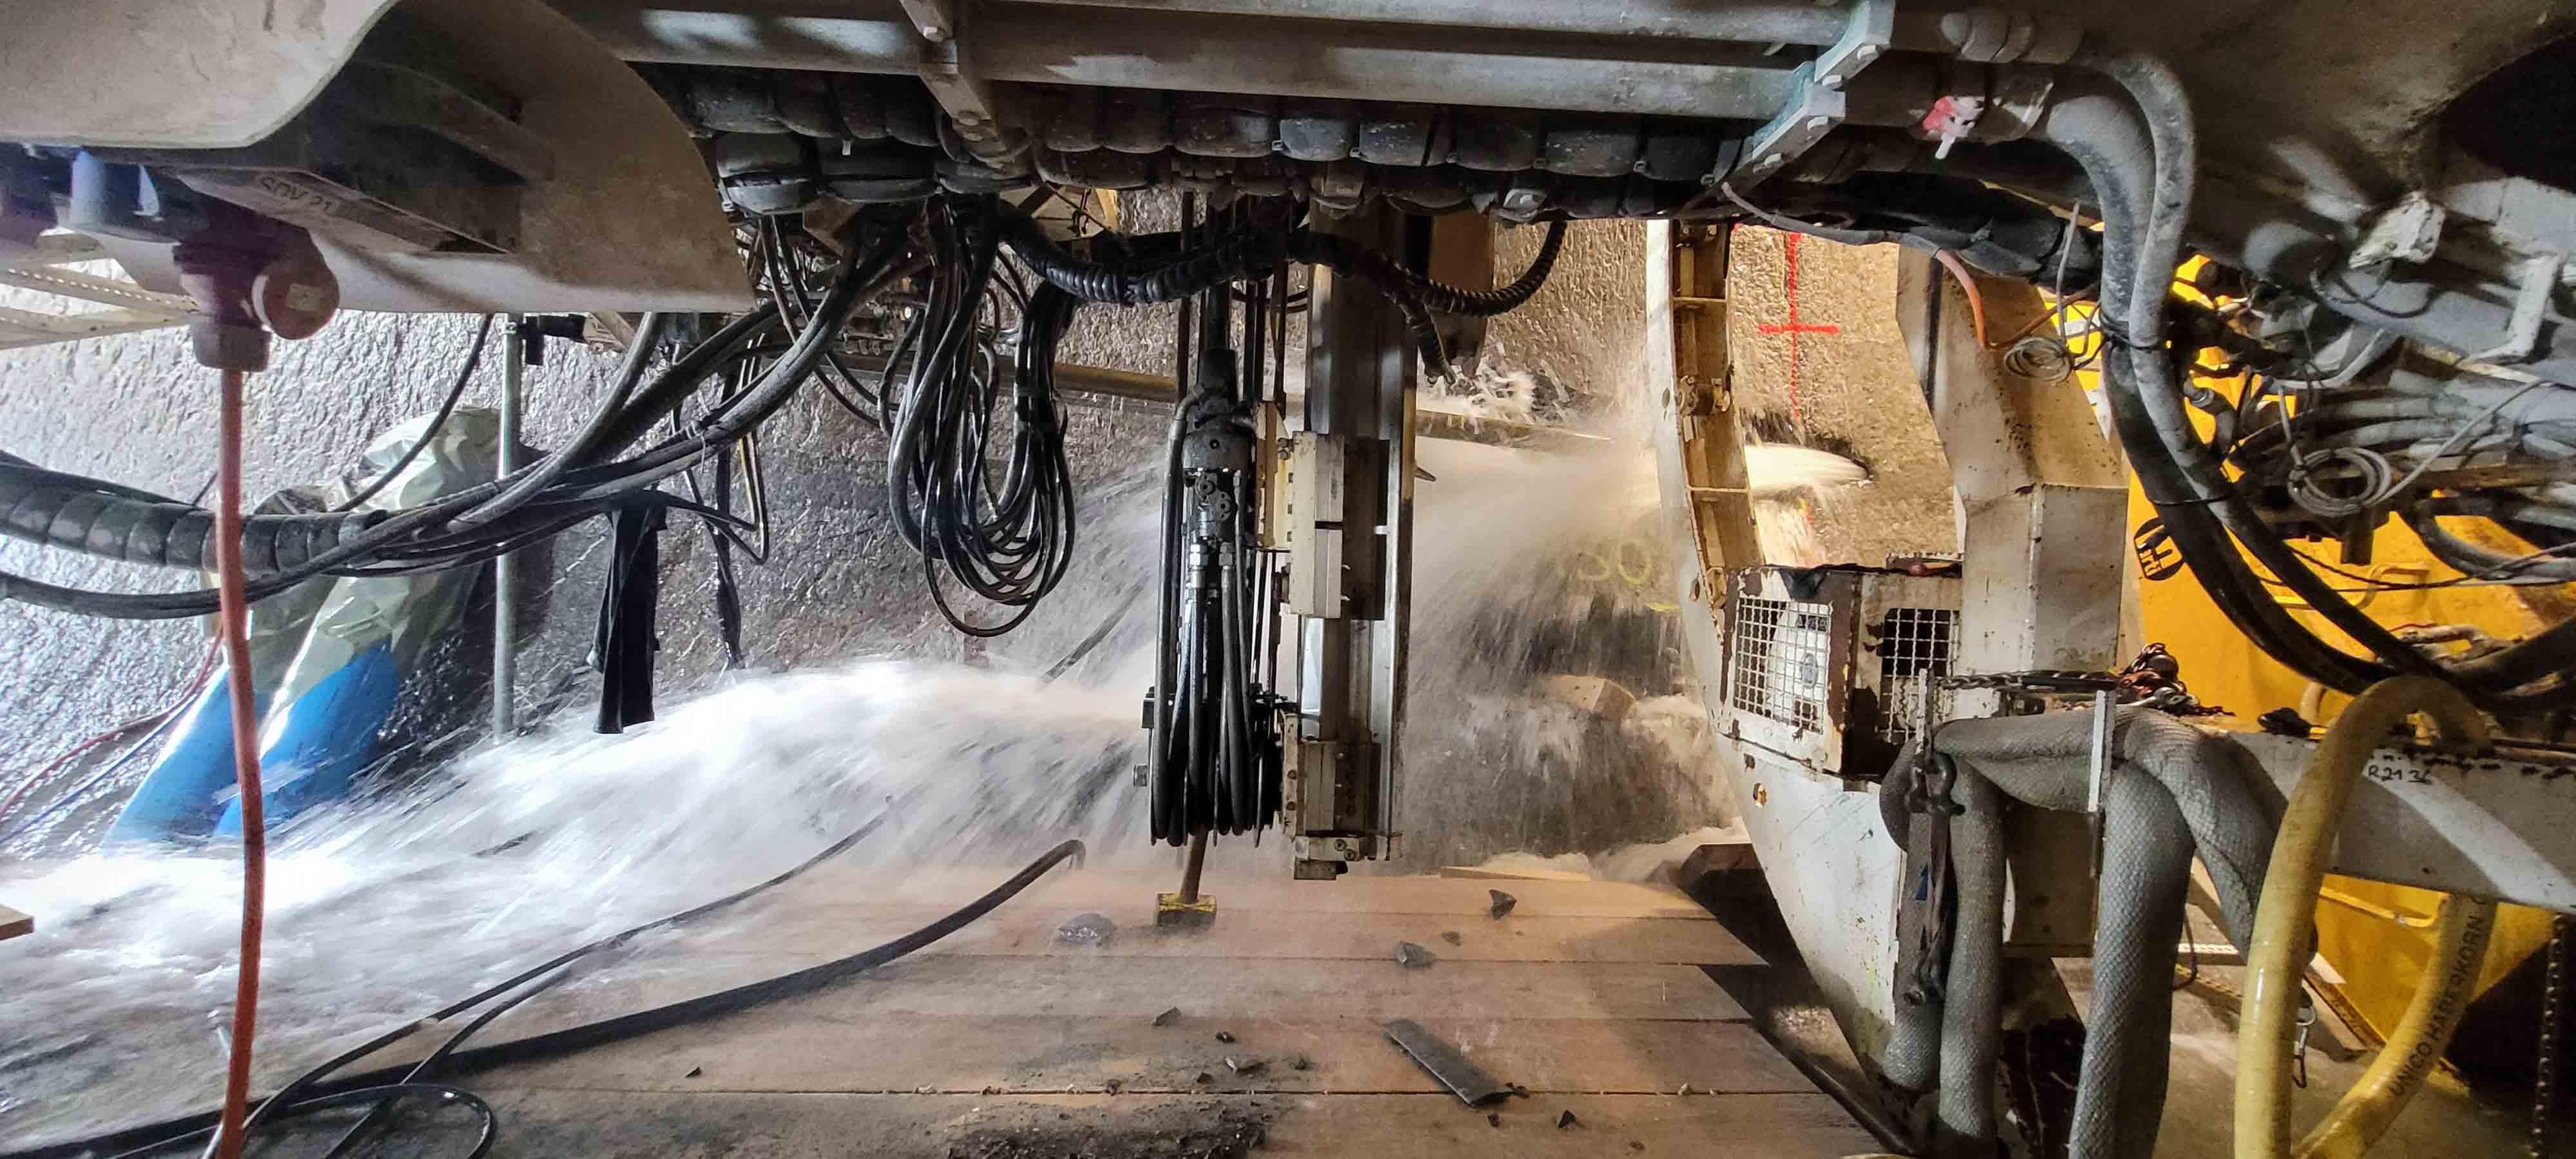 Entlastungsbohrung in Hochwasserentlastungsstollen bei Alpnach